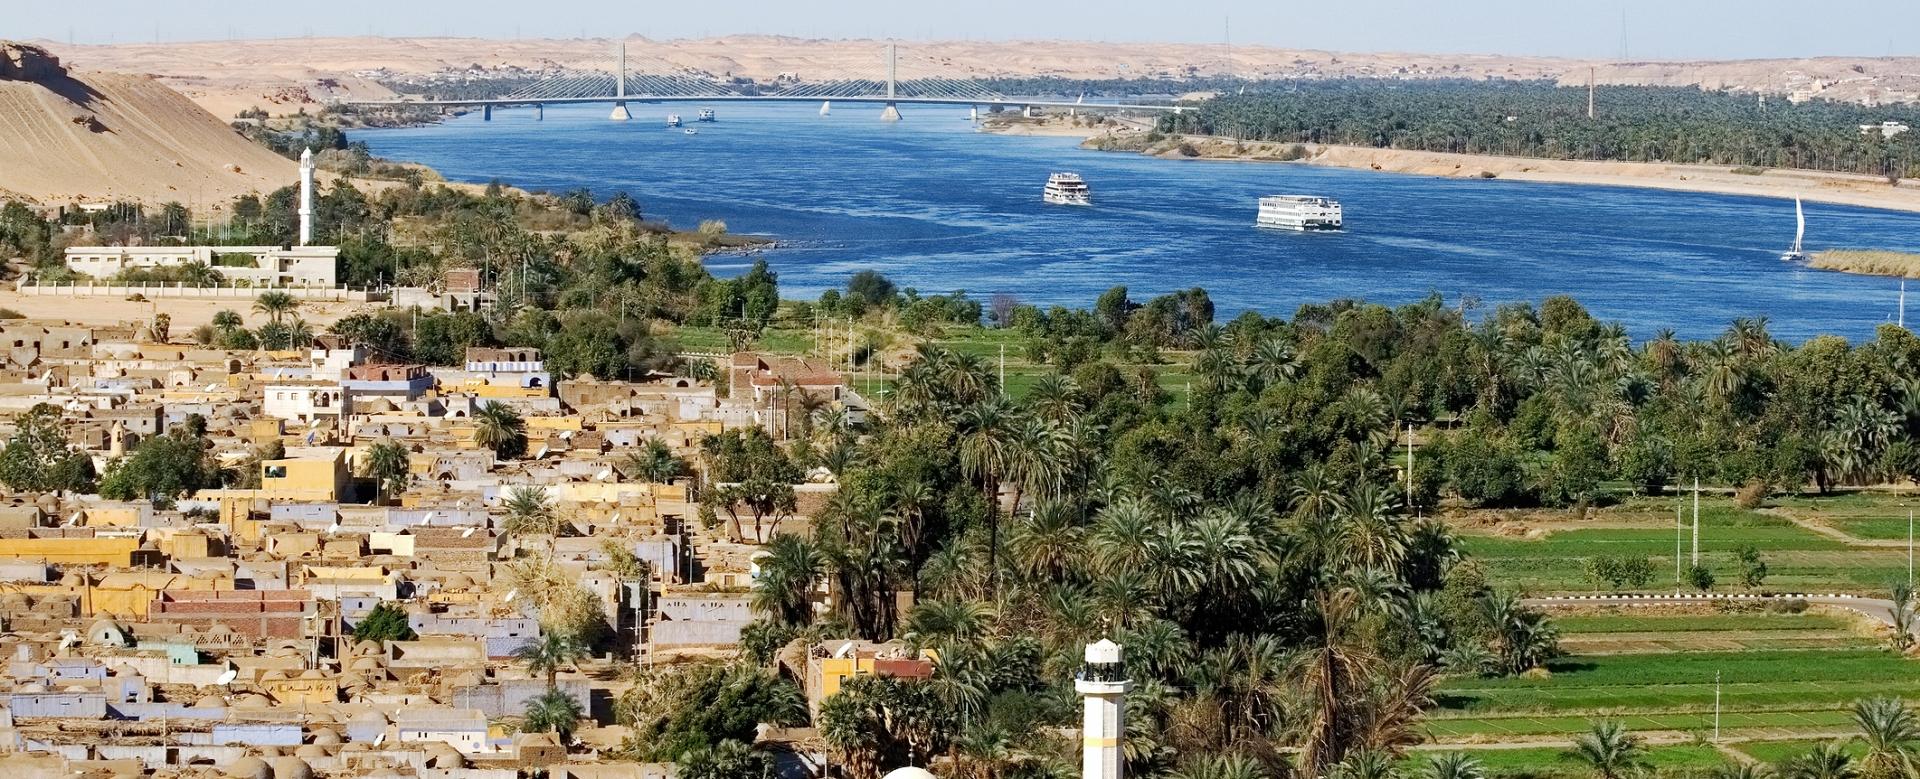 Voyage à pied : Egypte : La felouque du nil